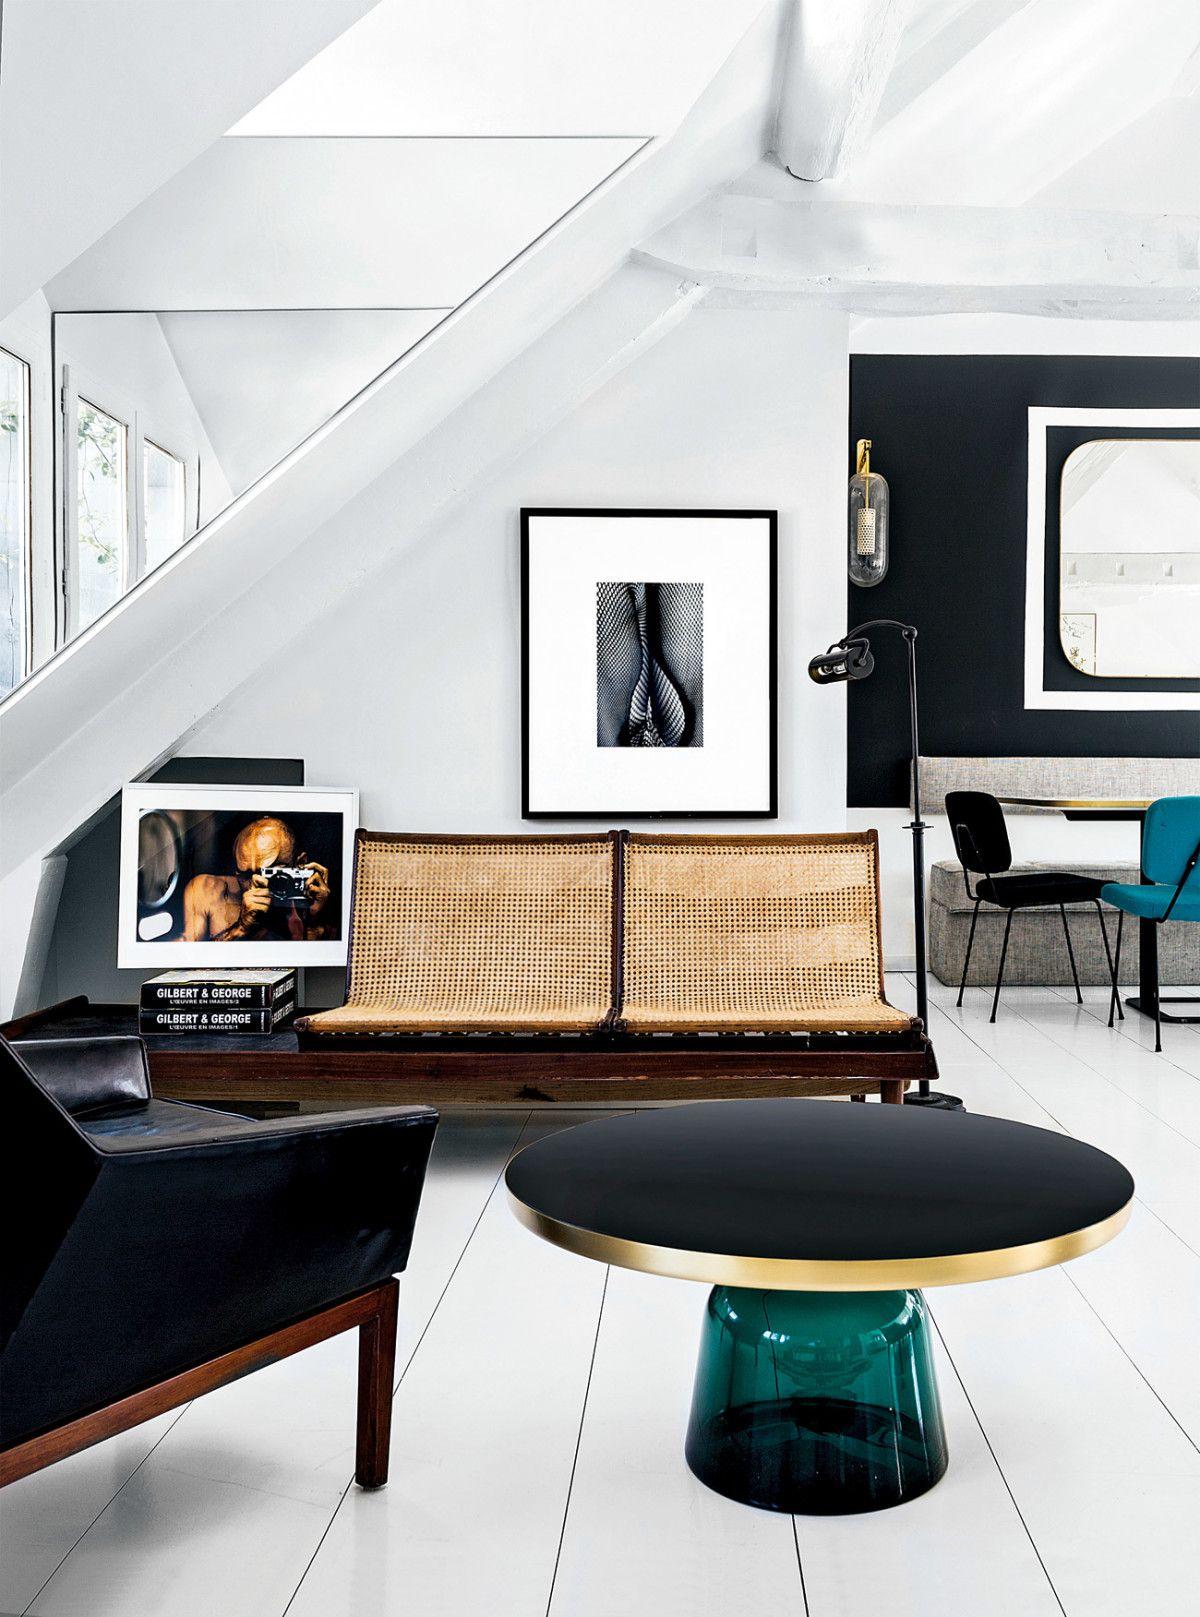 Innenarchitektur wohnzimmerfarbe ein kokon voller ideen  innereien innenarchitektur und wohnzimmer